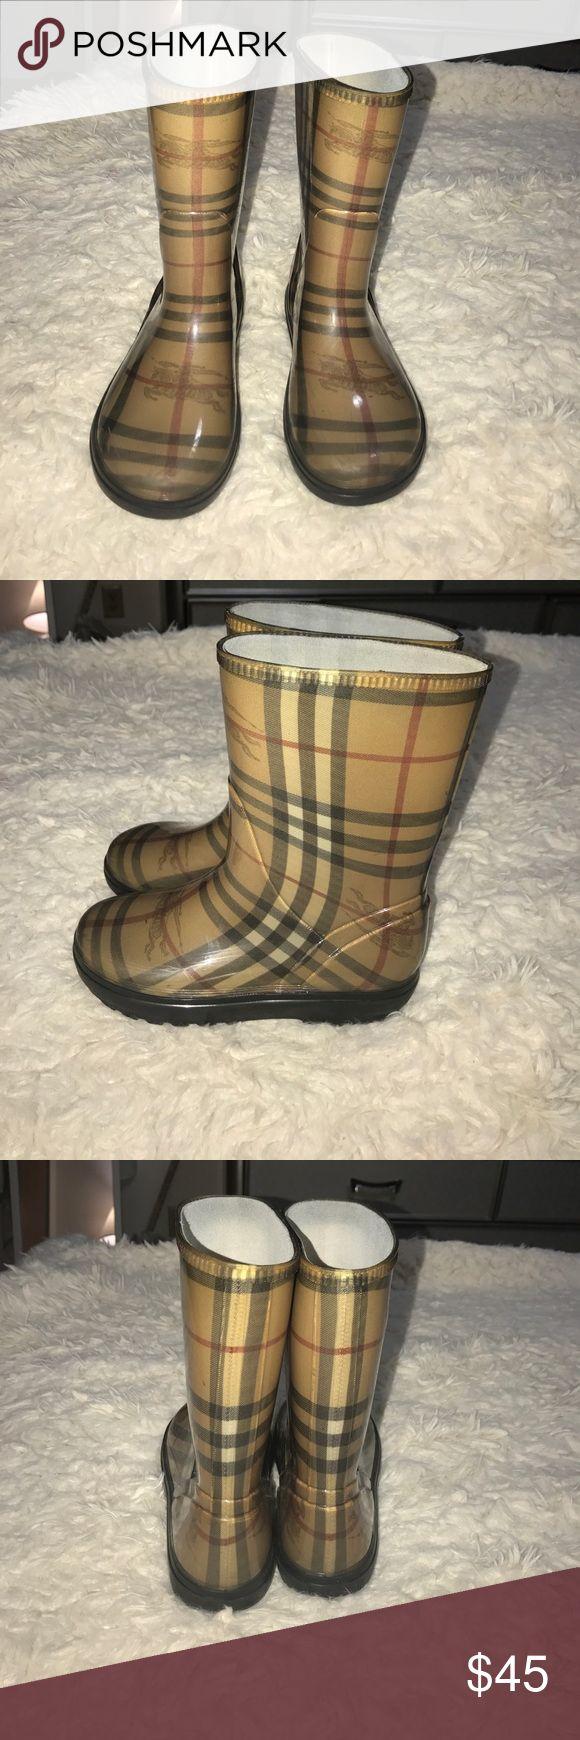 Authentic kids Burberry rain boots size 13 Authentic Burberry kids rain boots size 13 Burberry Shoes Winter & Rain Boots